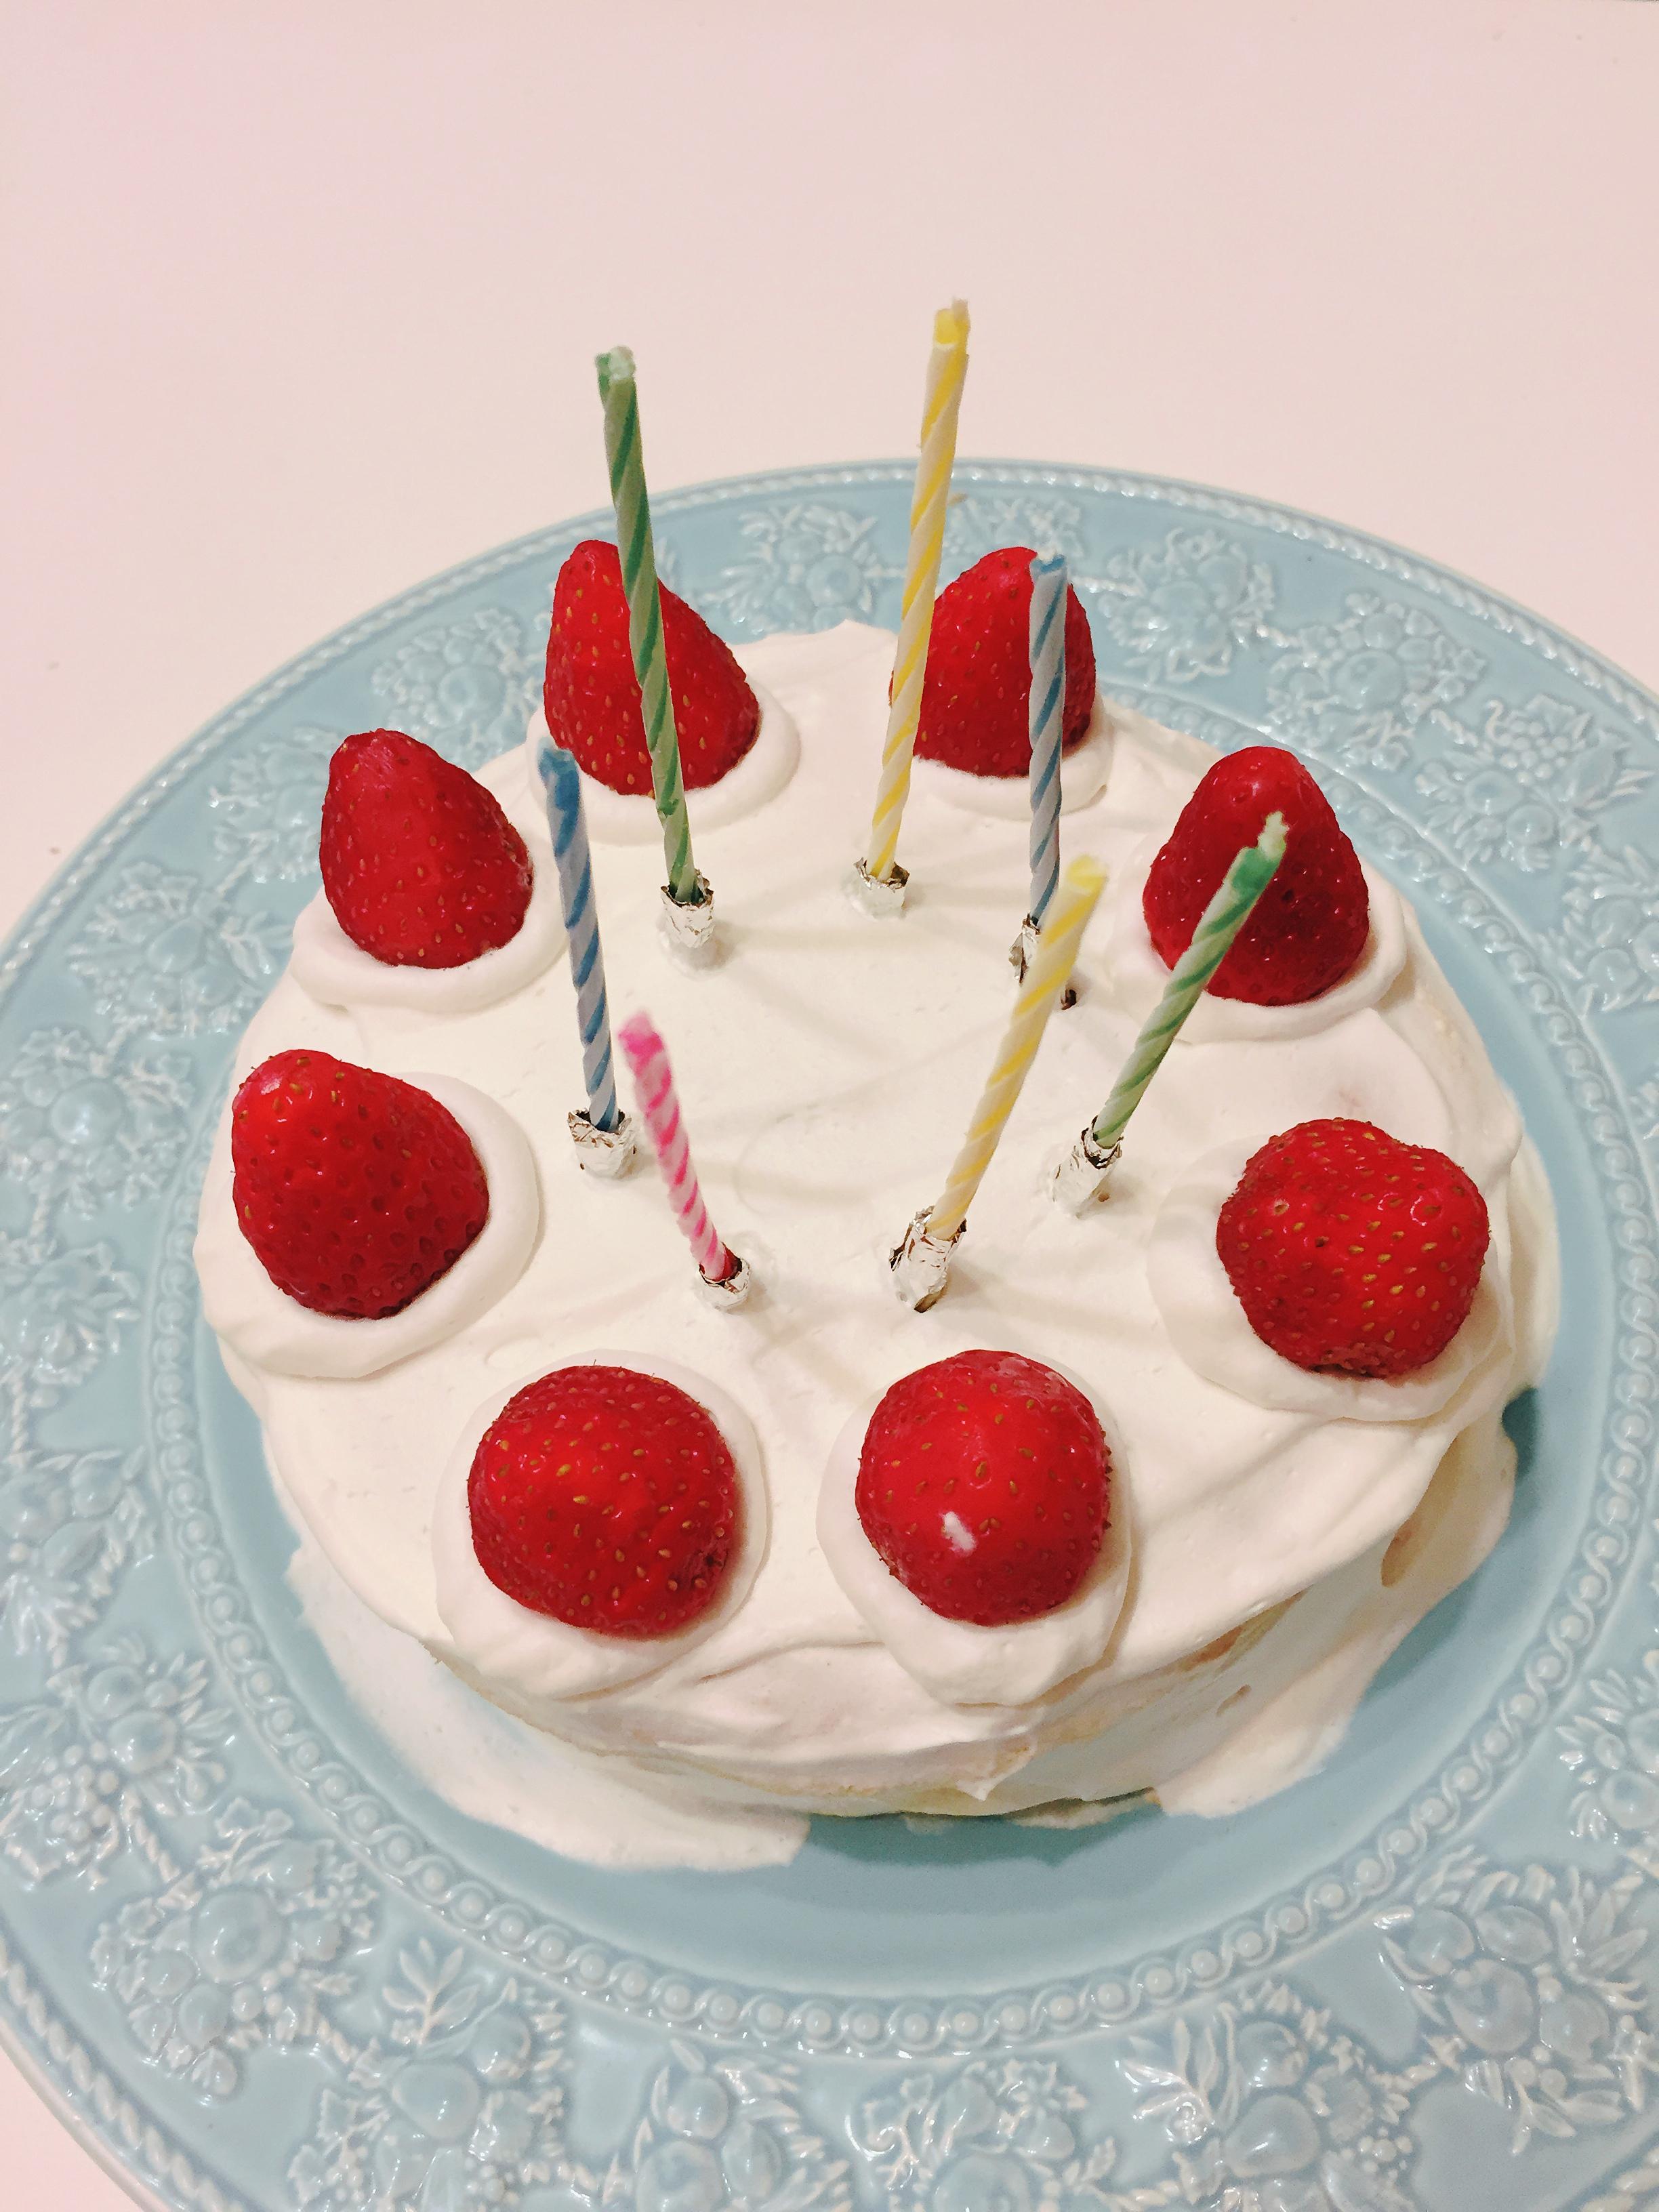 誕生日もクリスマスも…年6回のケーキ!それならおうちで手作りケーキにしよう